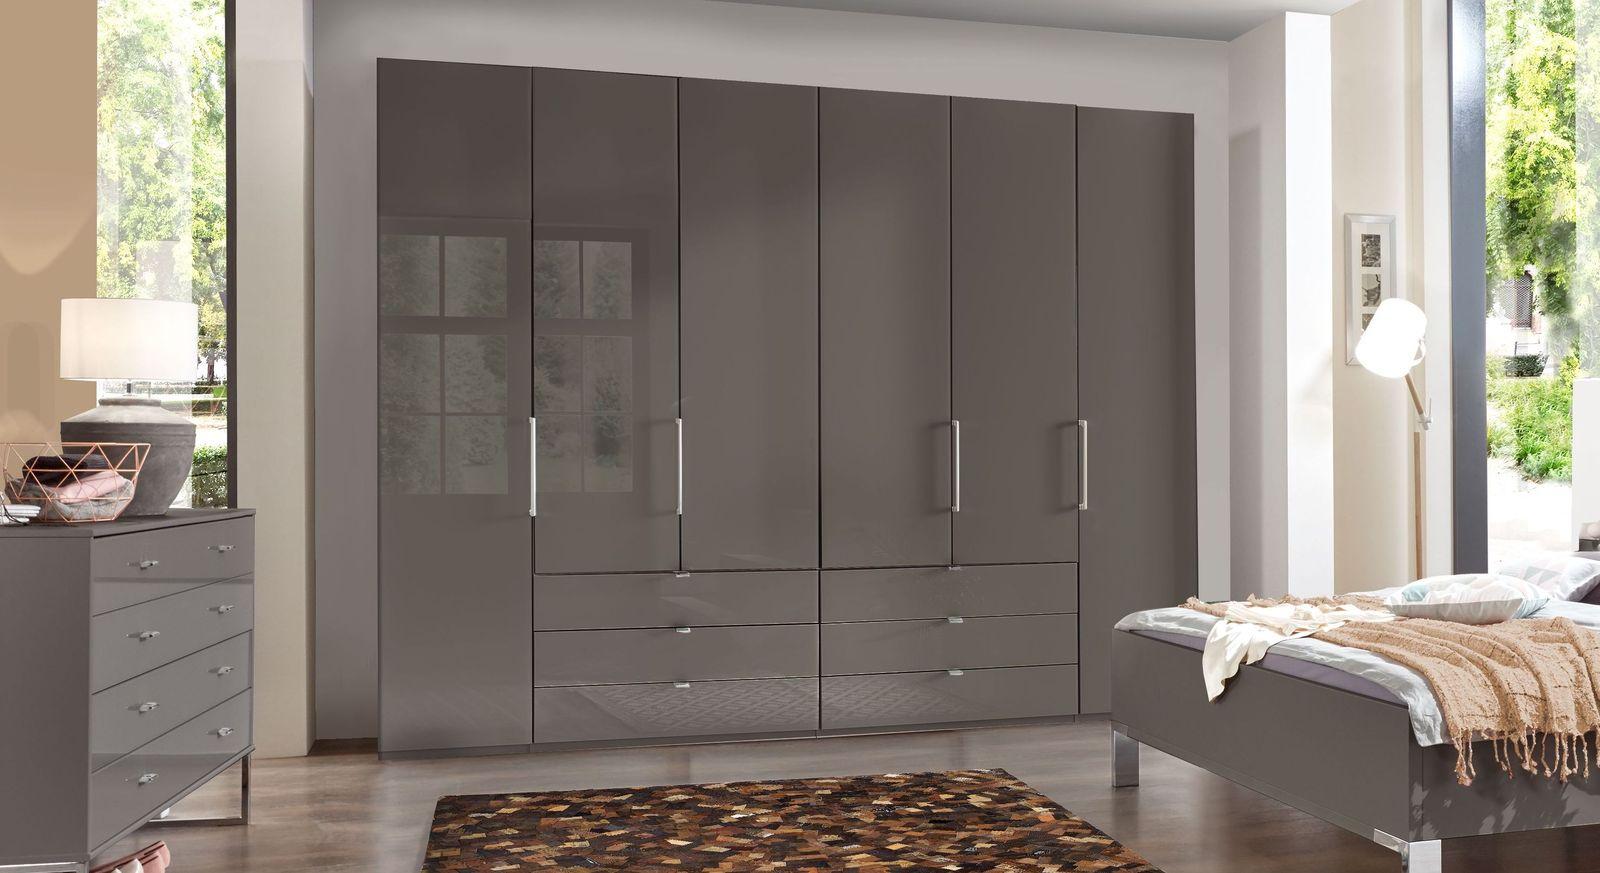 Funktions-Kleiderschrank Harrow mit eleganter Glasfront